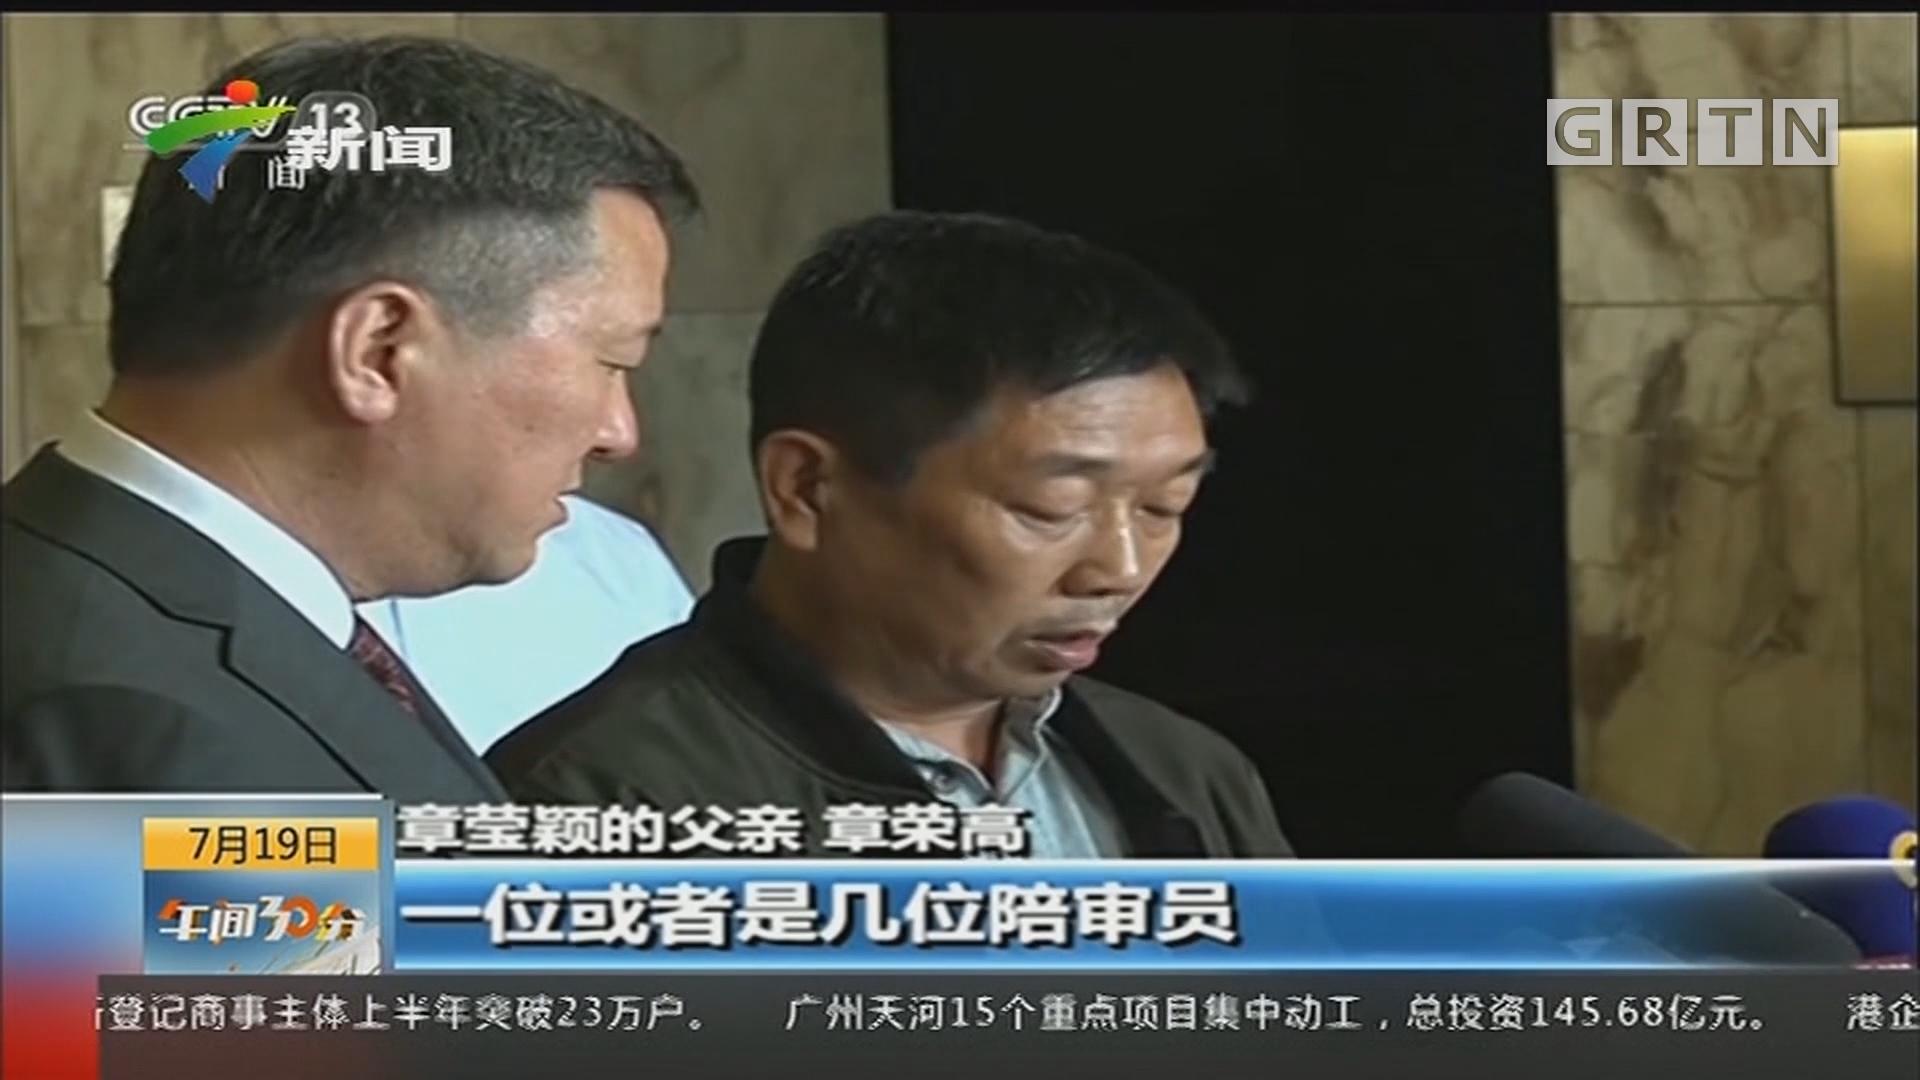 美国:章莹颖案凶手被判终身监禁(2)